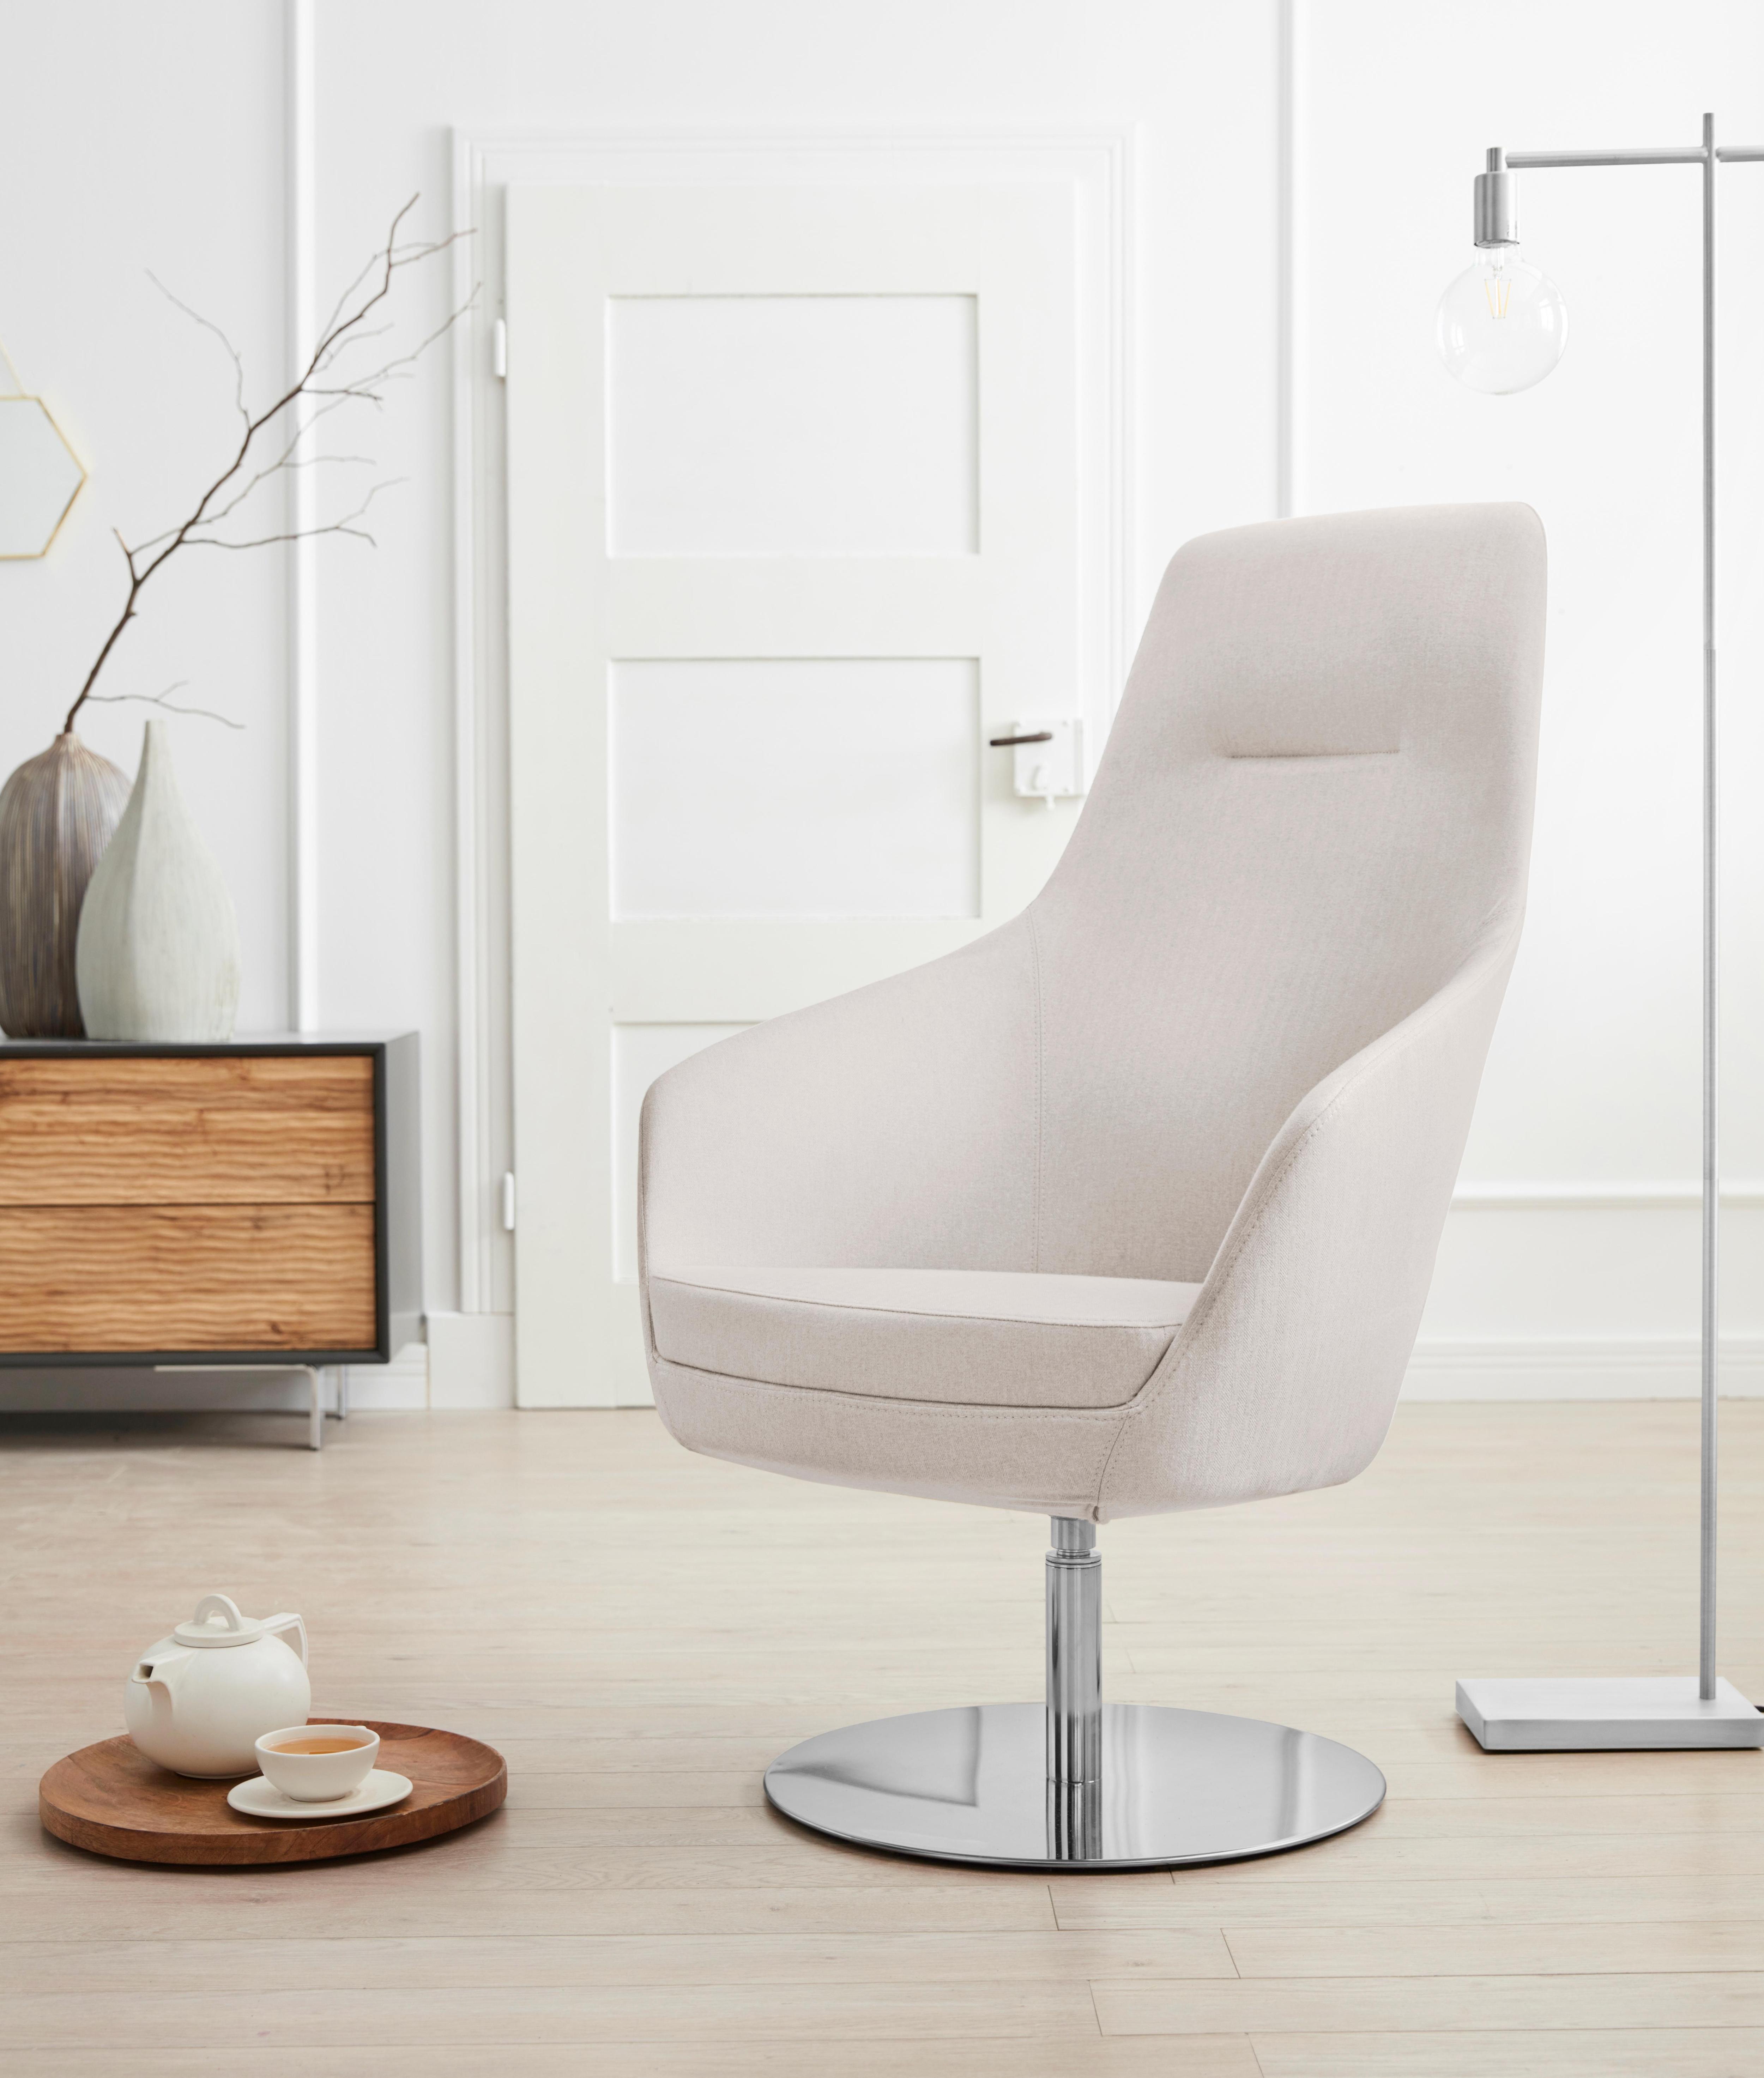 andas Drehstuhl Rina, mit Drehmechanik, auf rundem Fuß günstig online kaufen